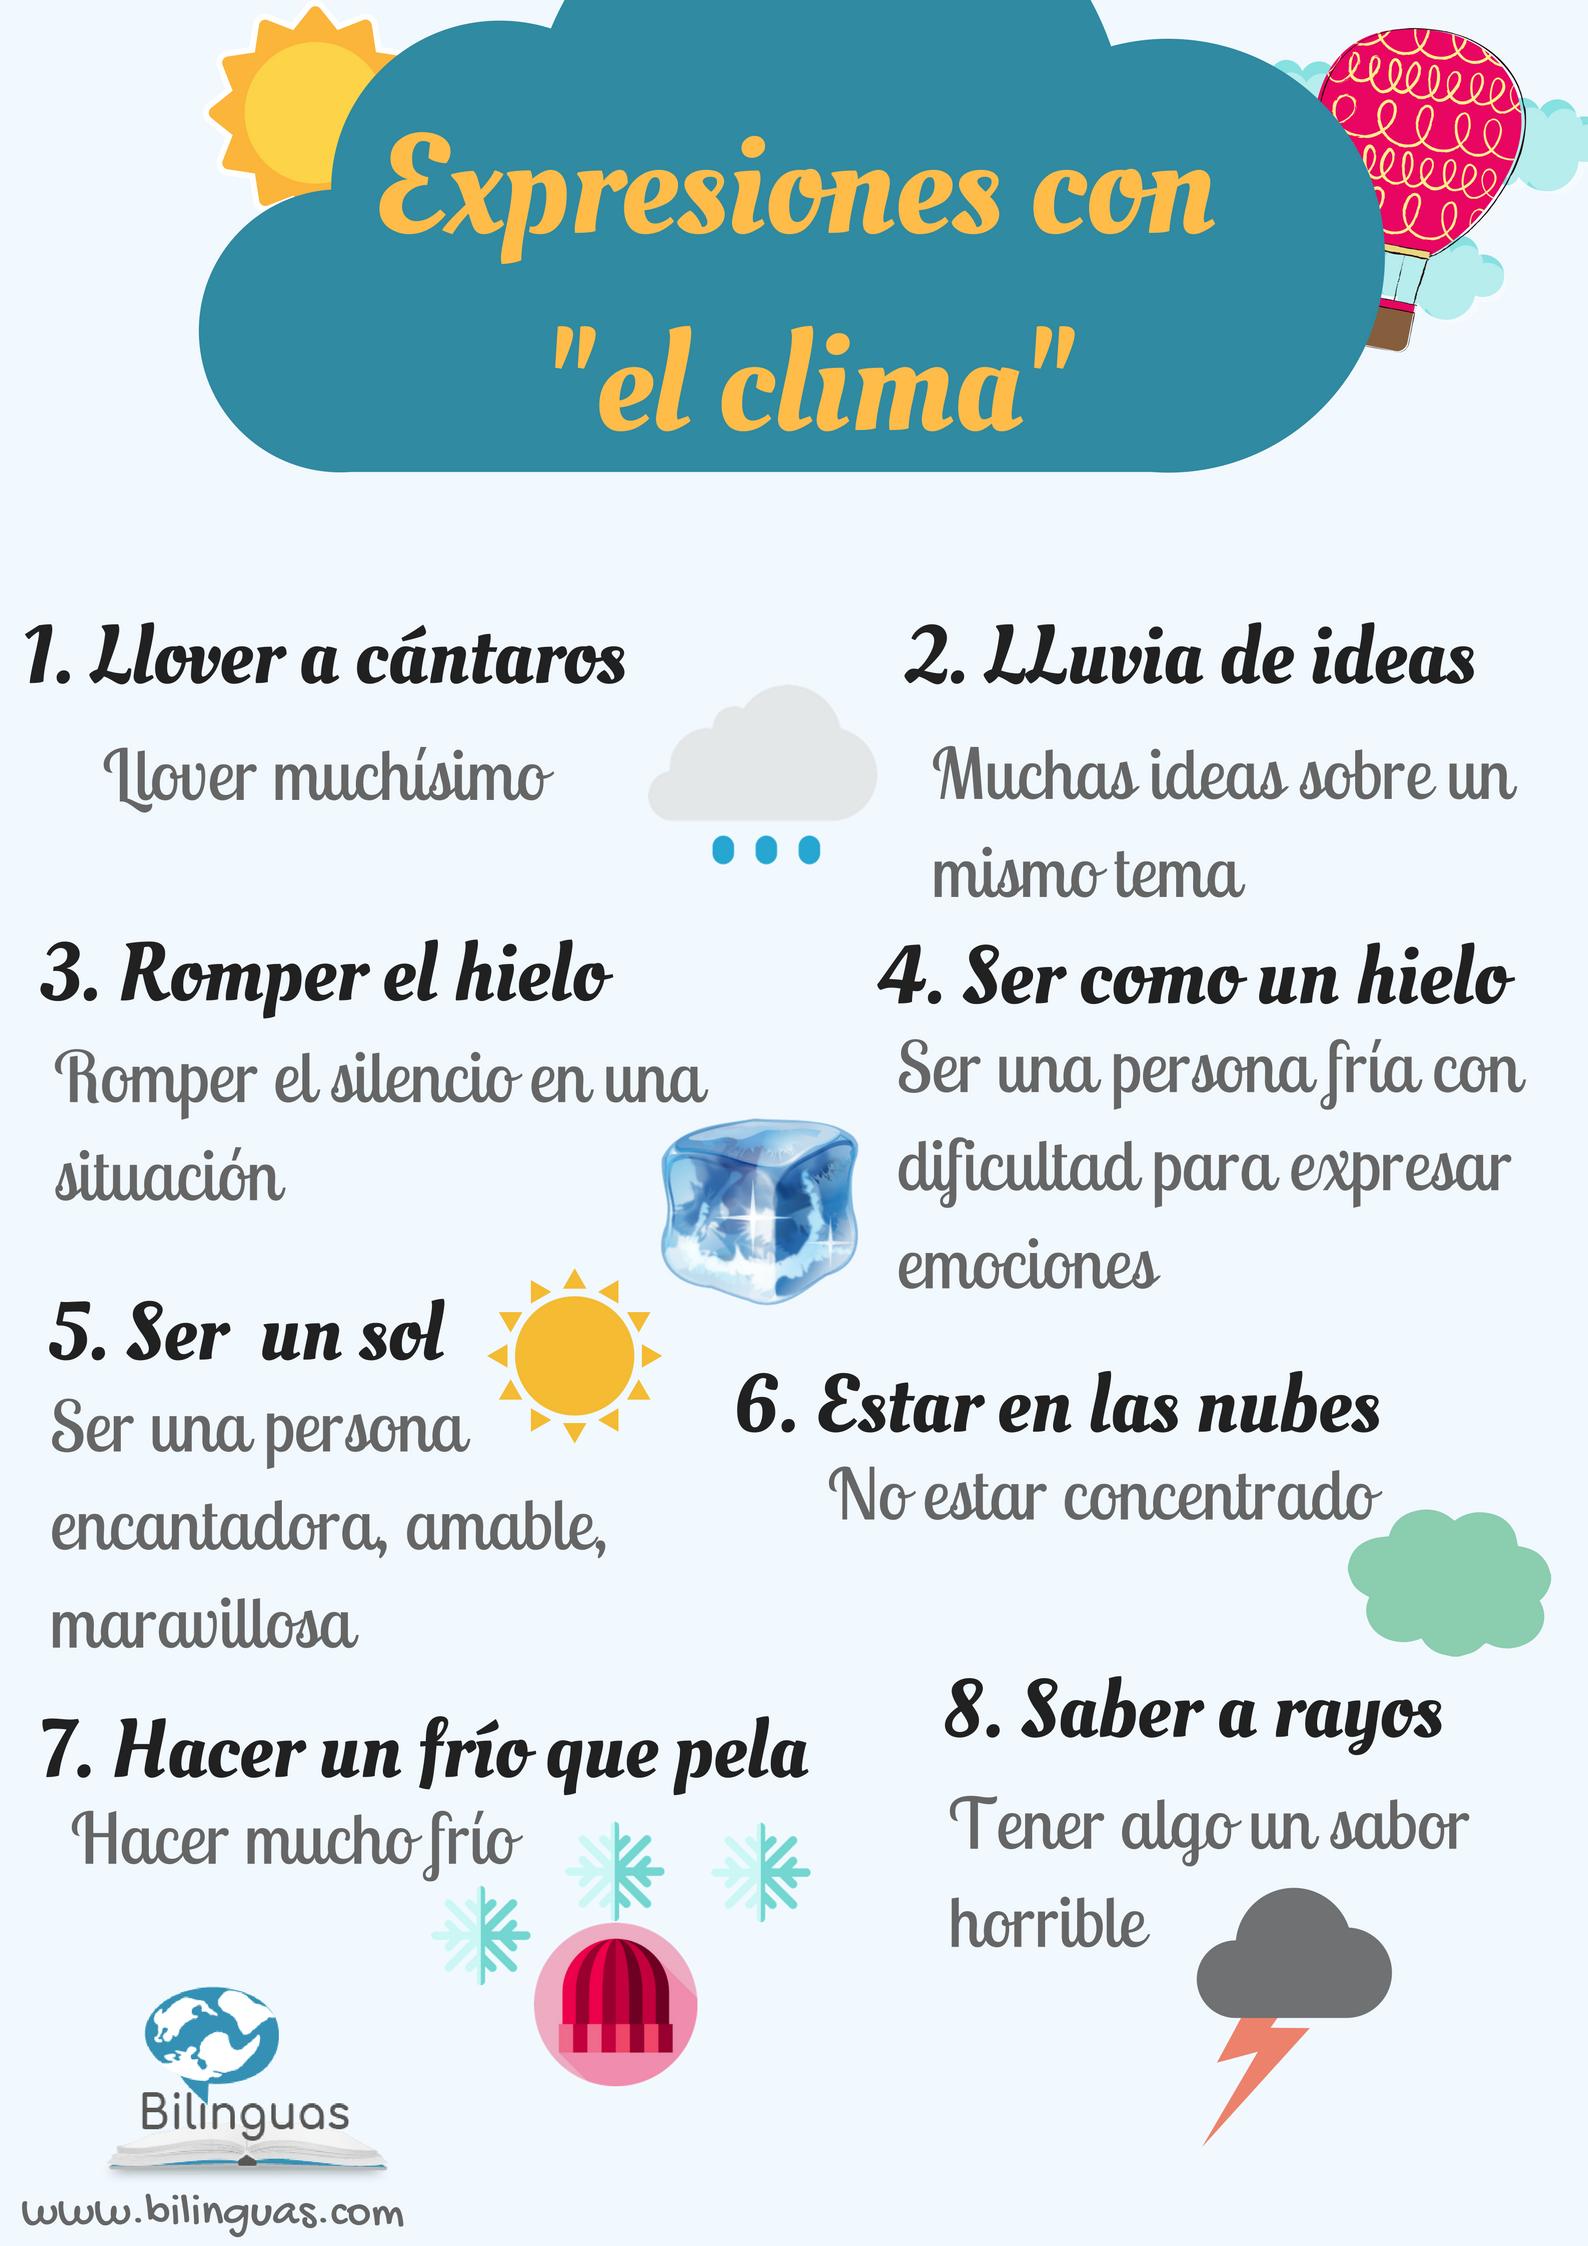 Hablar Del Tiempo Es Un Tema Frecuente Entre Españoles Por Eso Hay Muchas Expresiones Expresiones En Español Aprender Español Ejercicios Para Aprender Español